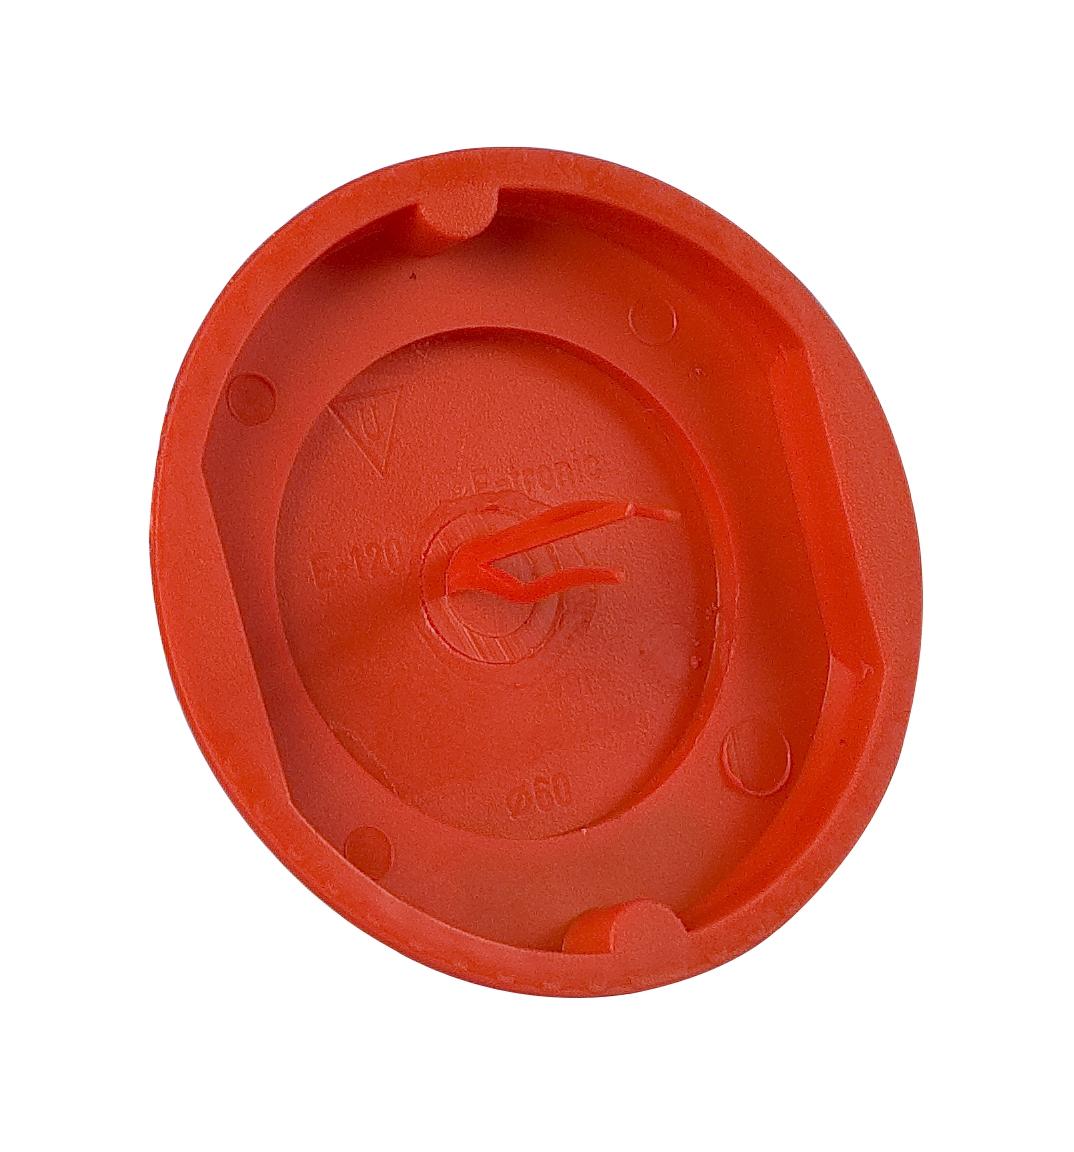 100 Stk Signal-Schalter-Dosendeckel d60mm, rot GTDZE120--